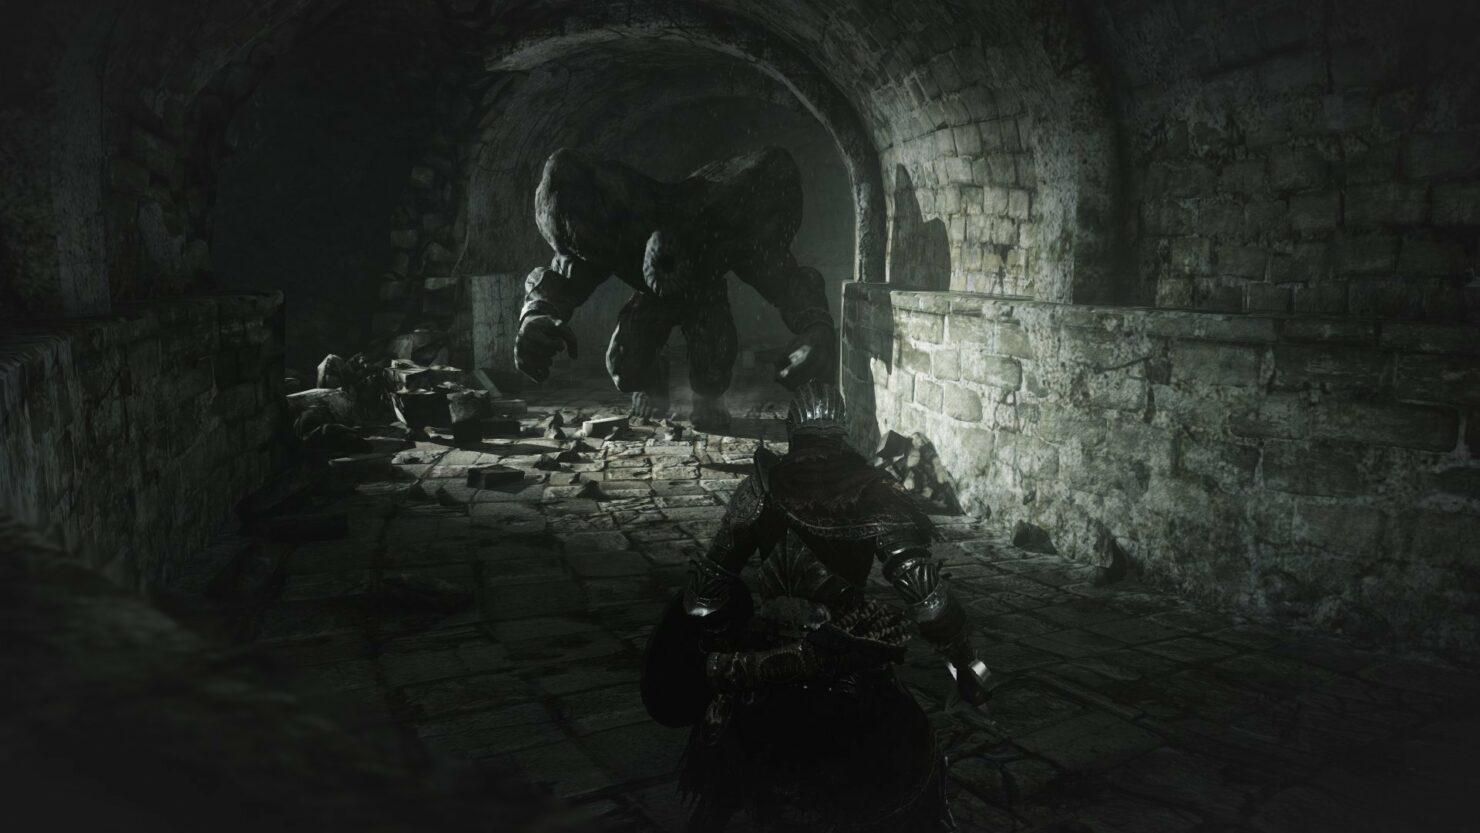 anyconv-com__dark-souls-2-graphics-lighting-mod-flames-of-old-2